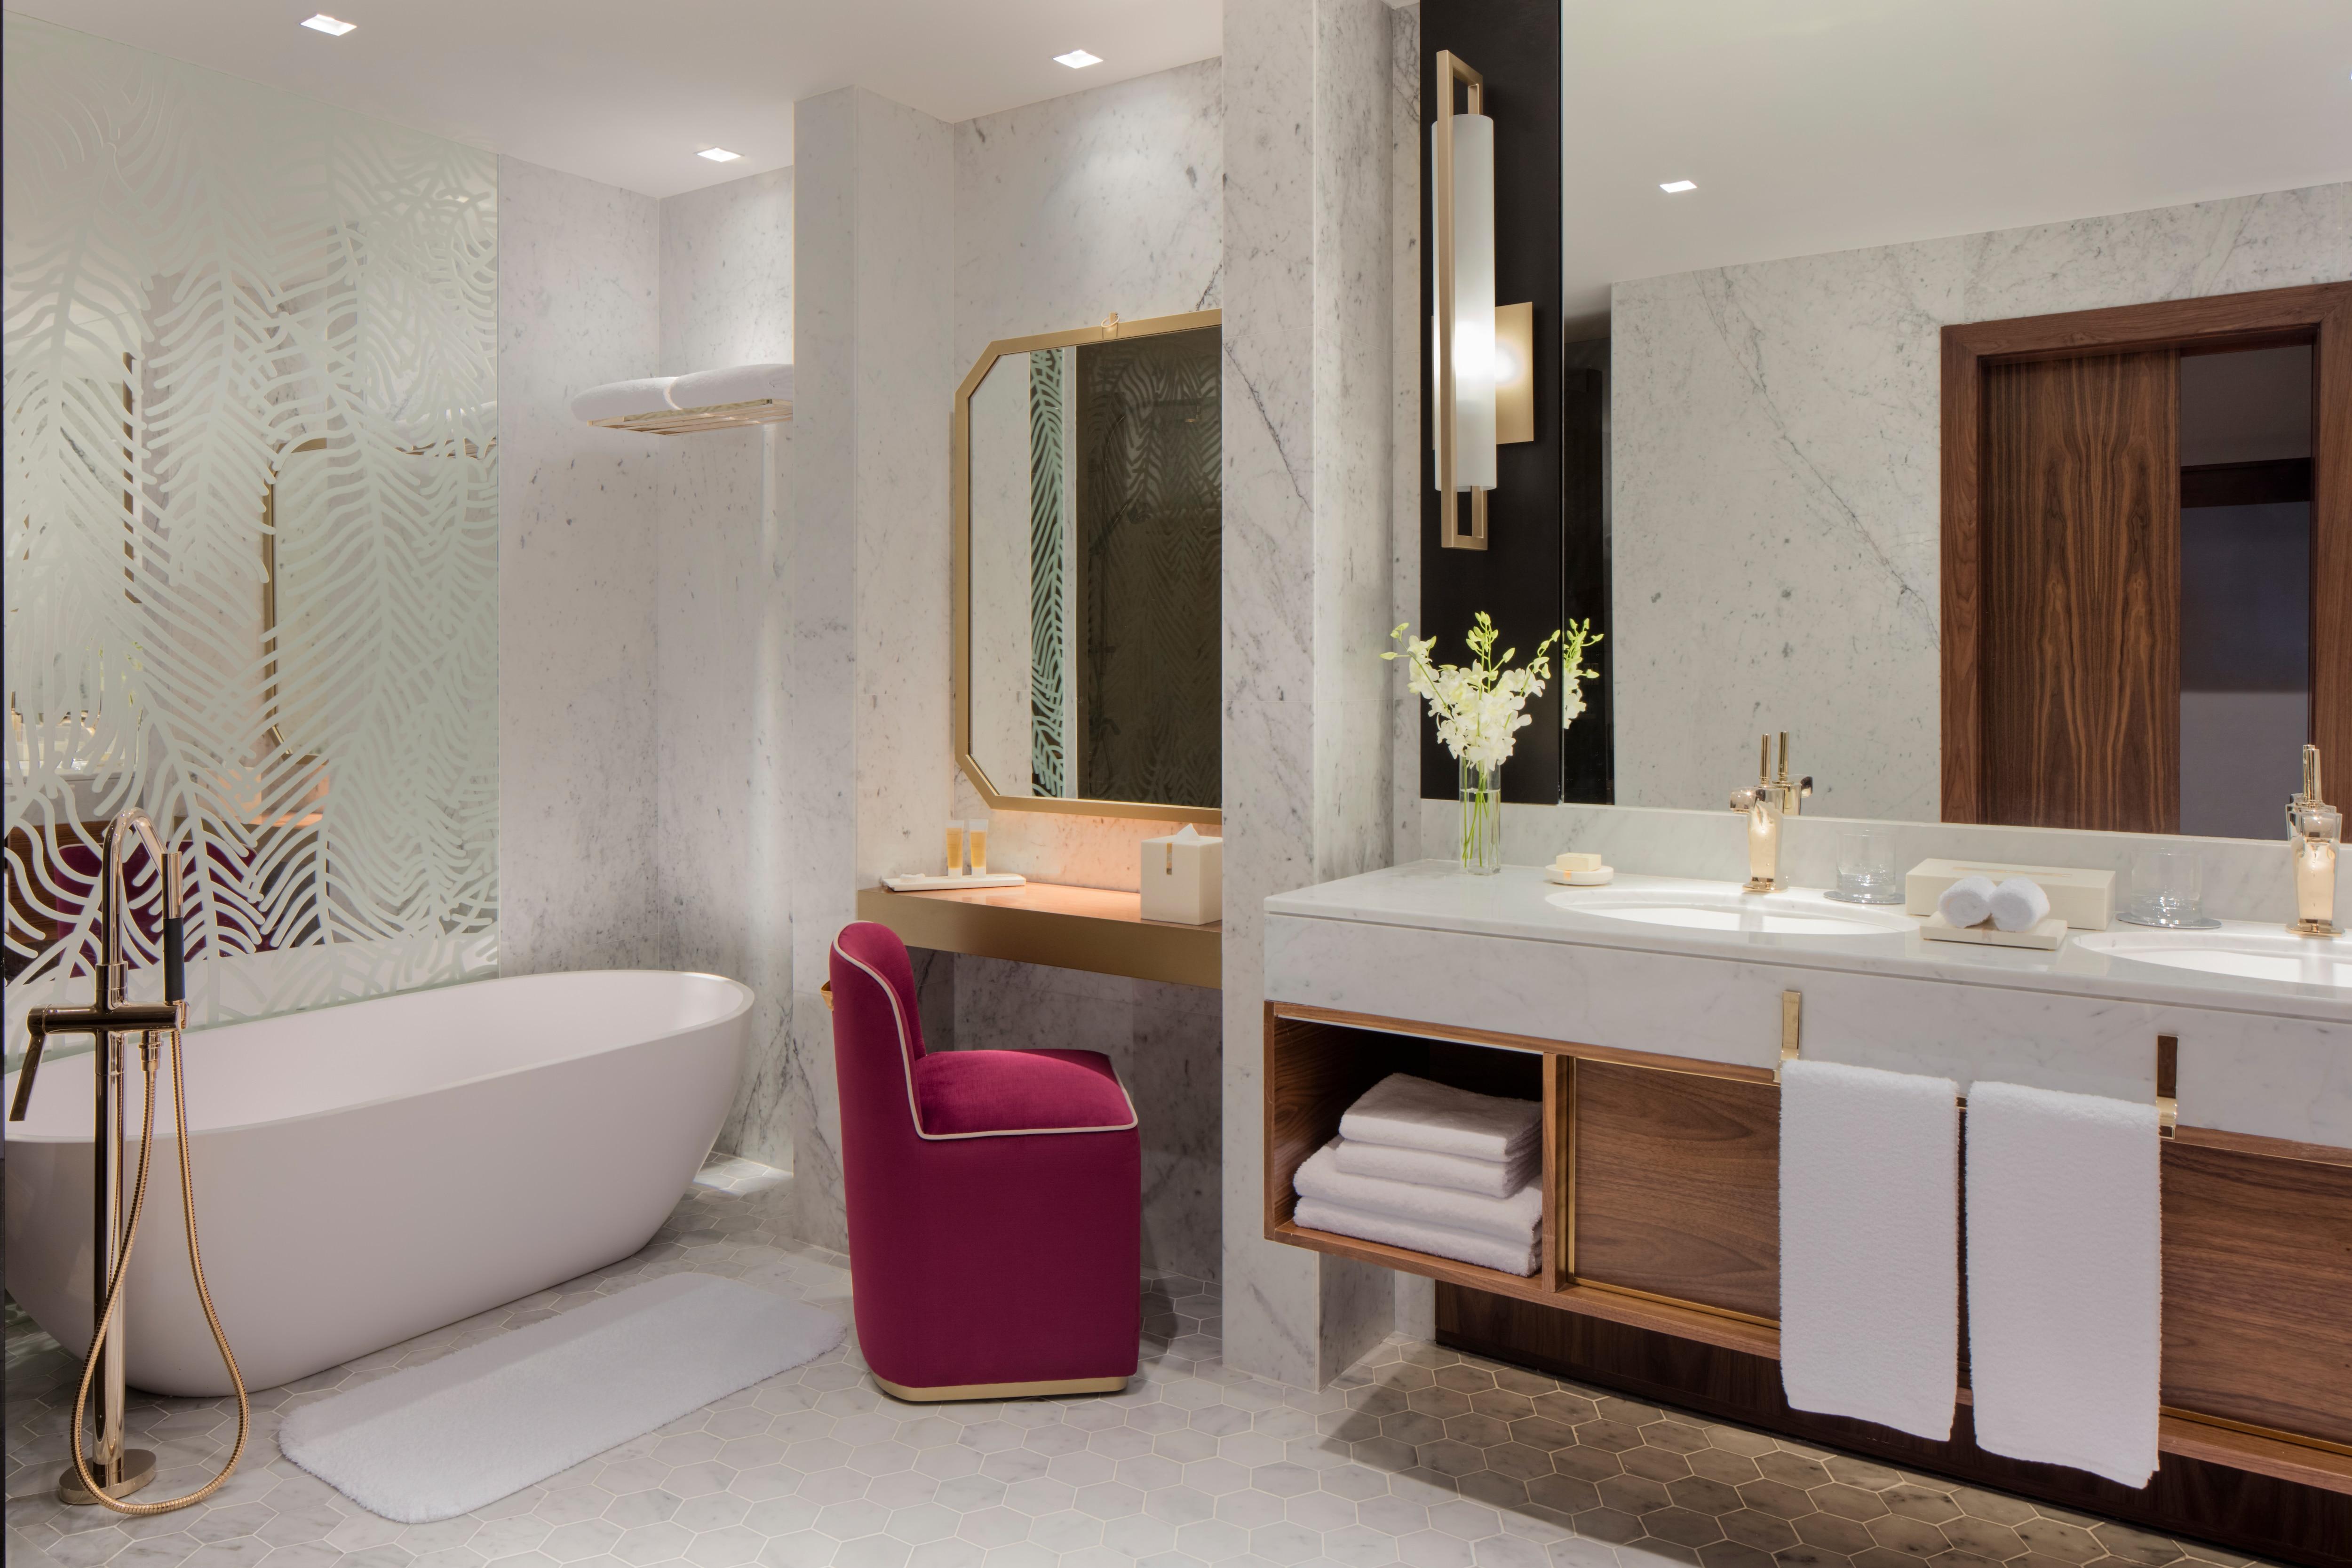 スウィート バスルーム